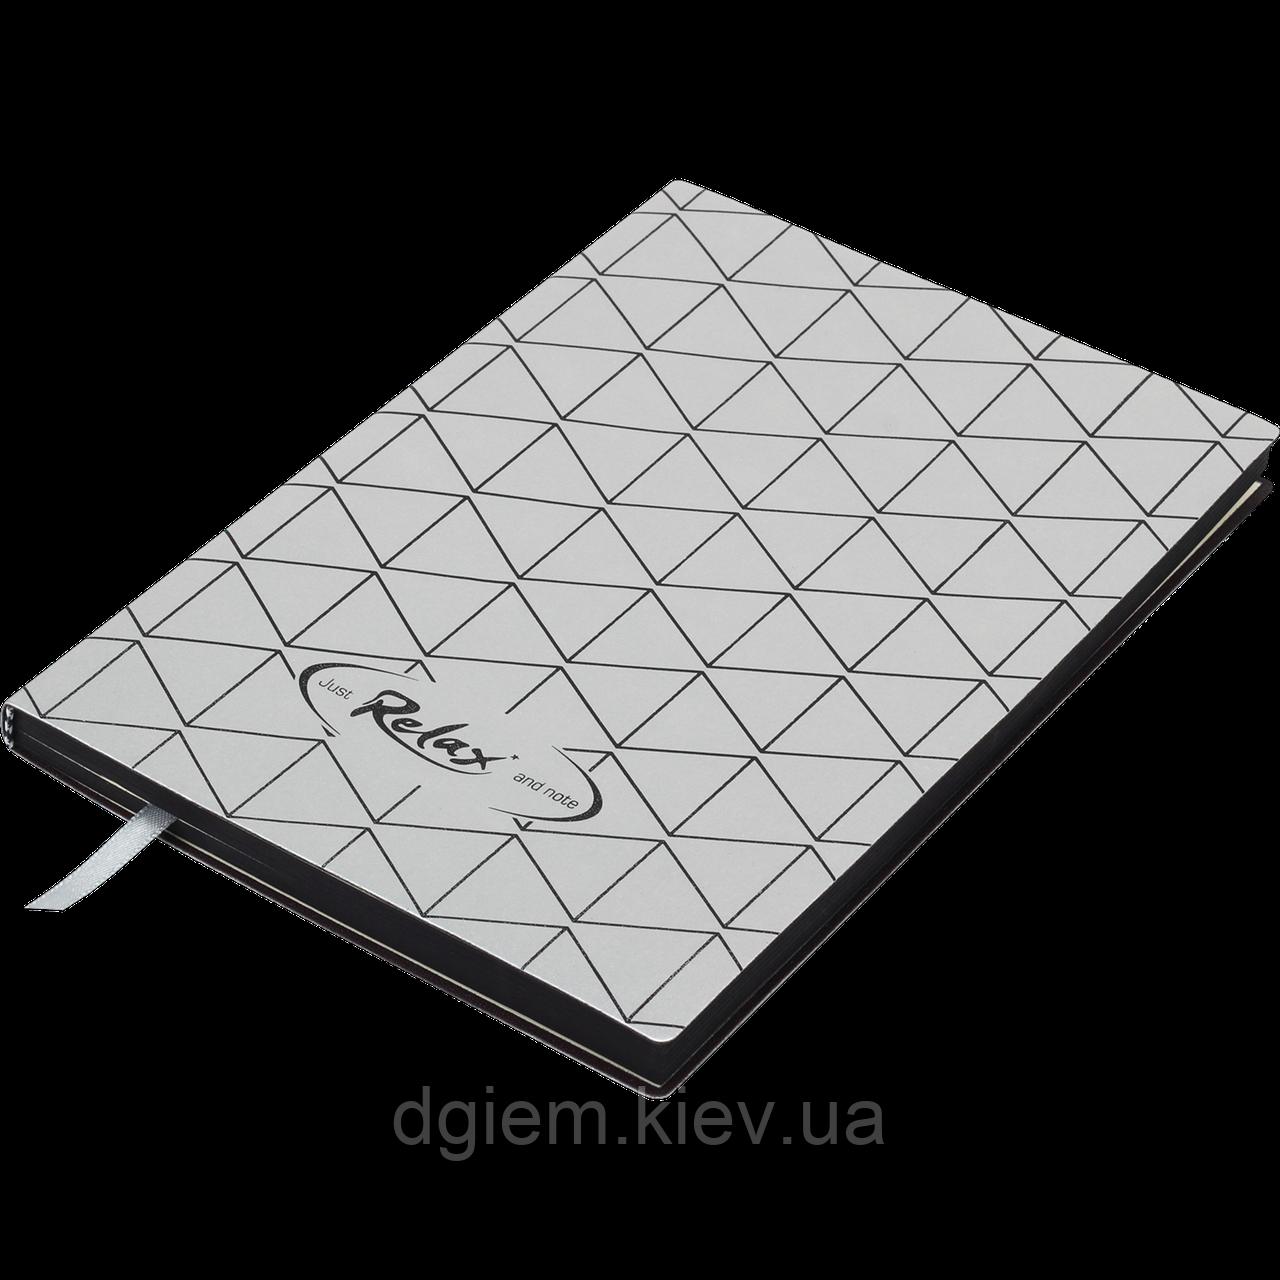 Блокнот ділової RELAX А5 96арк. чистий, позов. шкіра, срібло